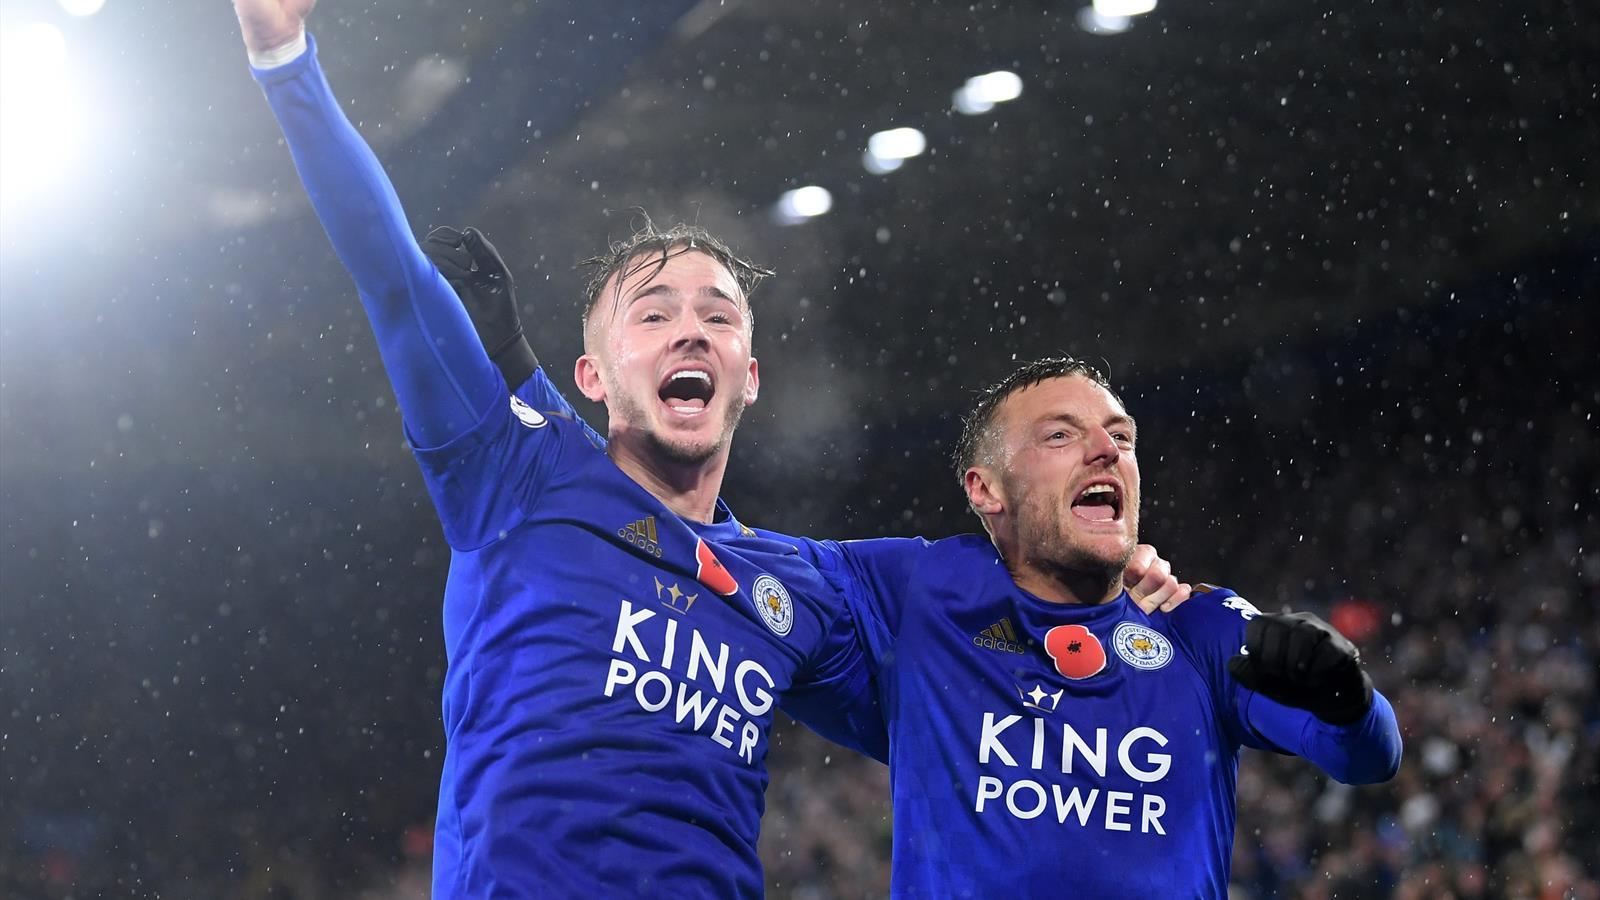 Il Leicester vola con Vardy e Maddison: è 2° posto, battuto anche l ...